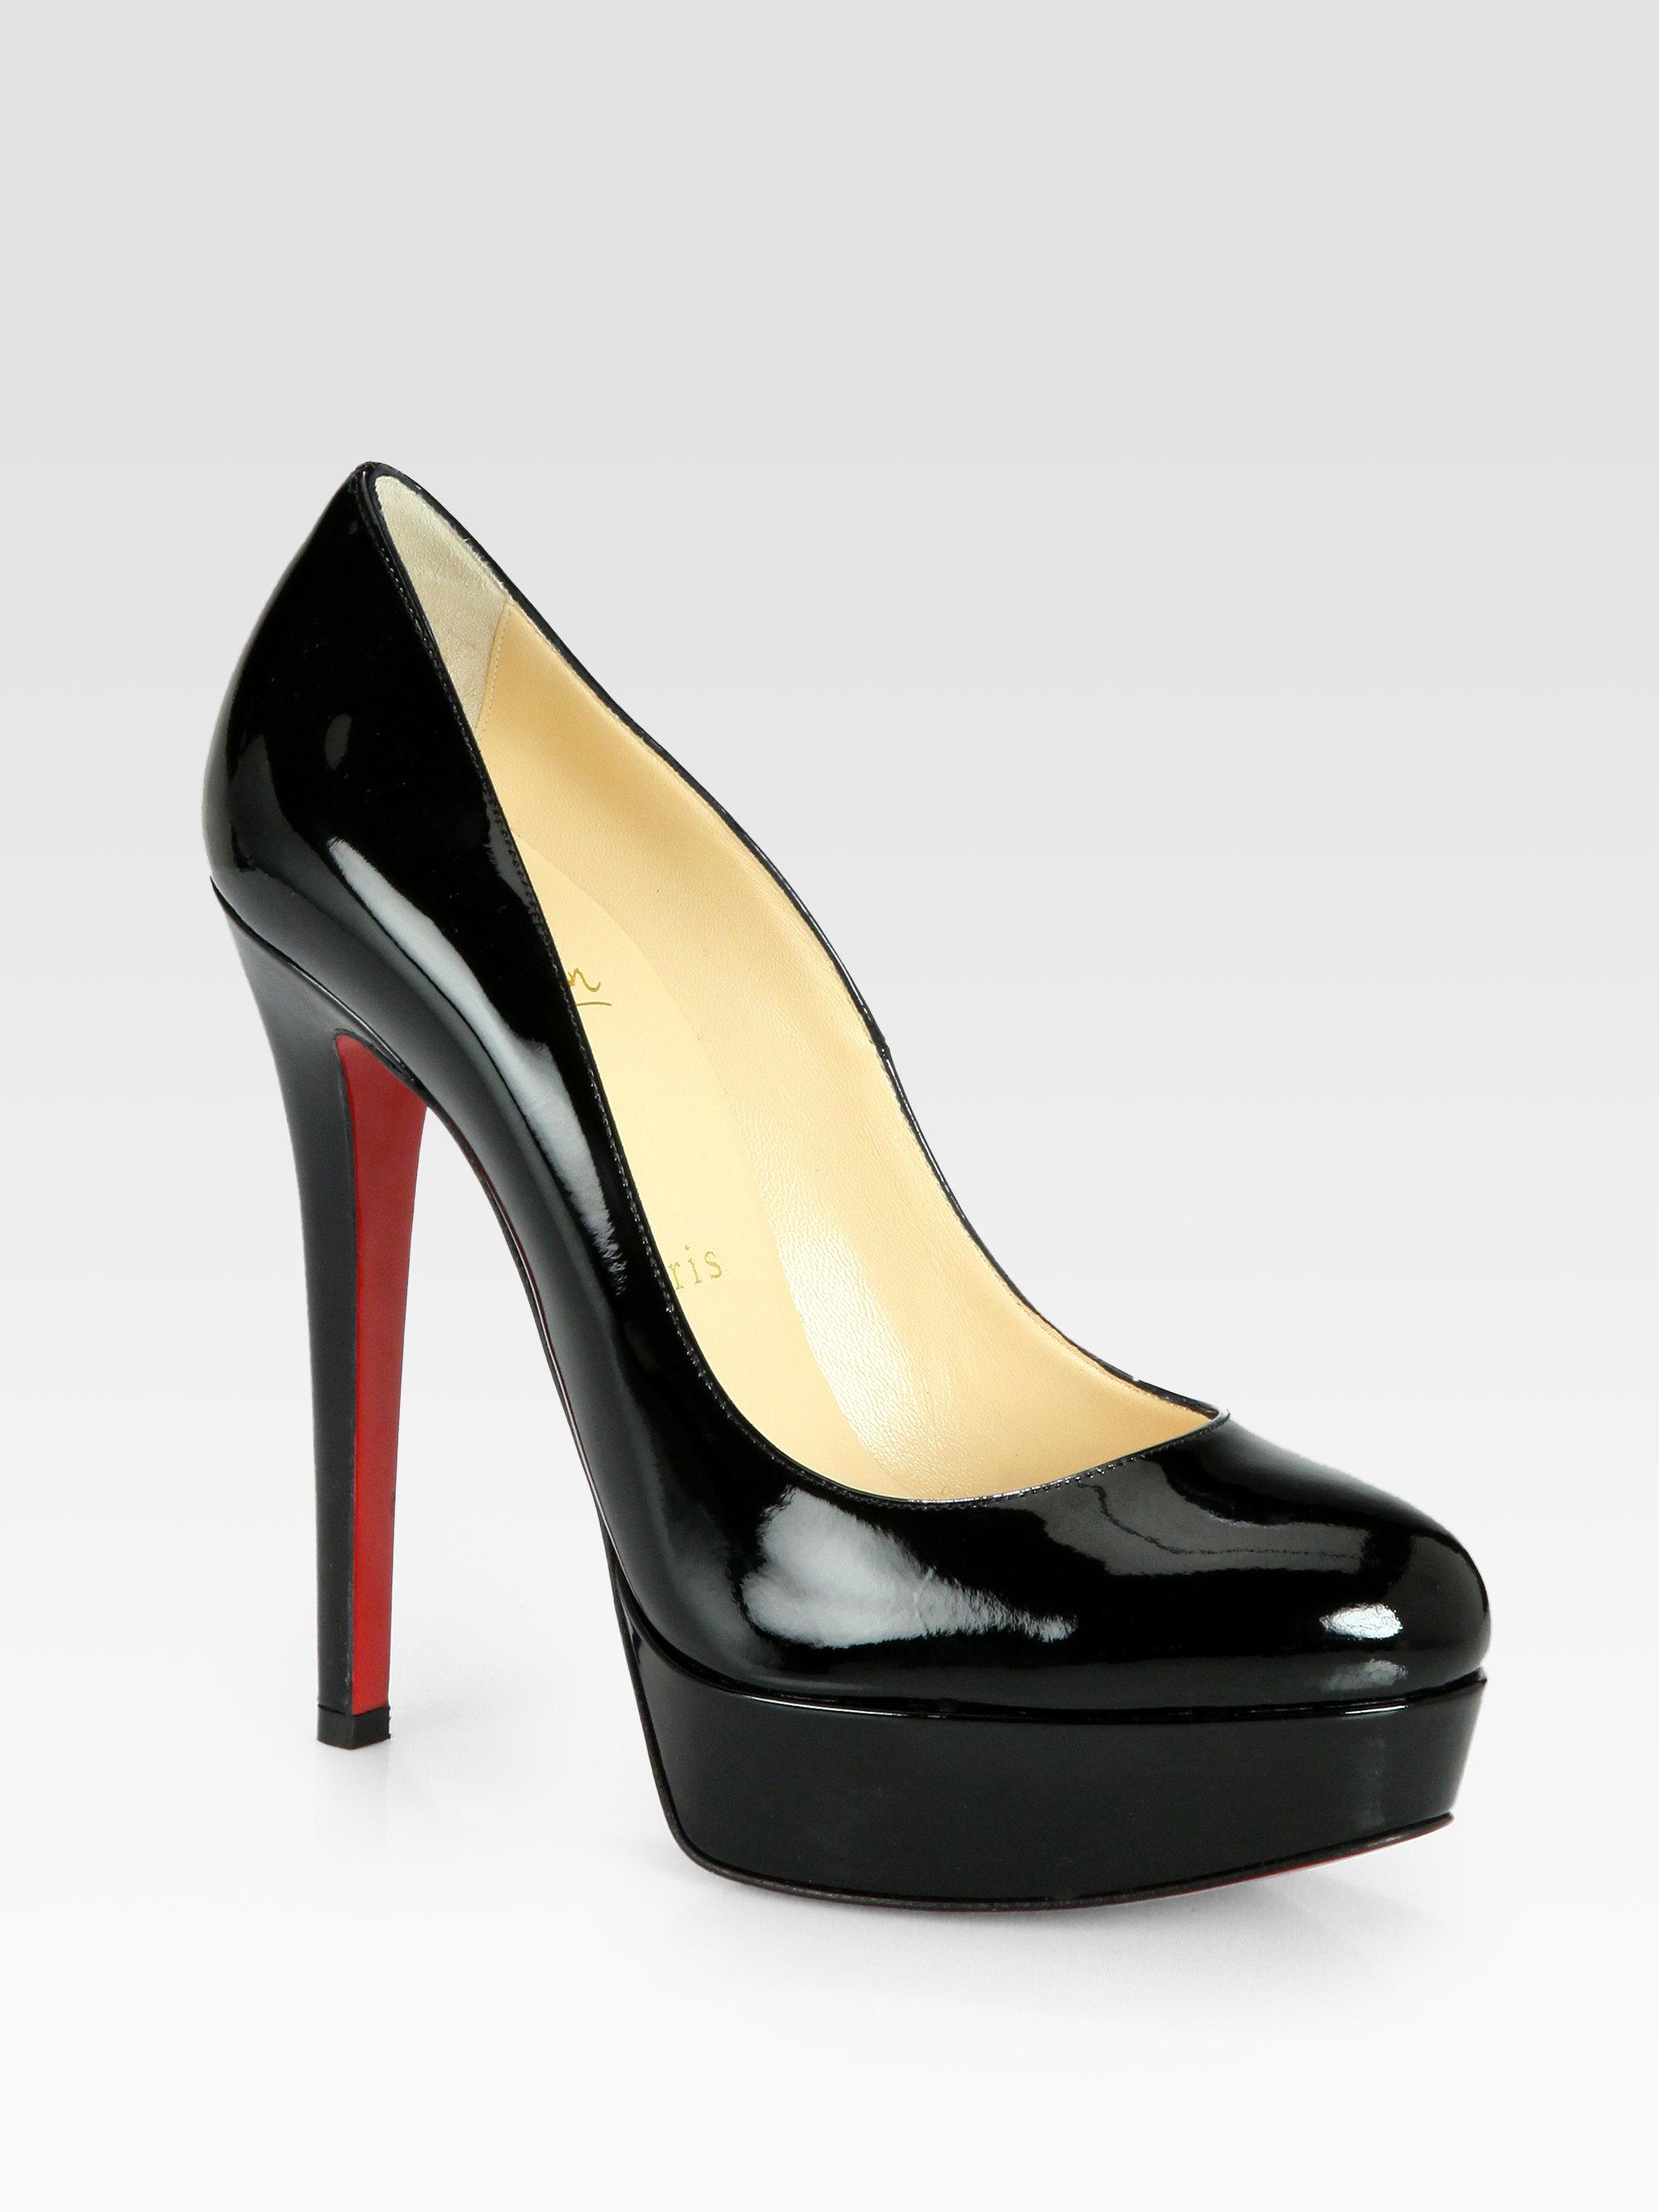 204940de1a4 Christian louboutin Bianca Patent Leather Platform Pumps in Black .